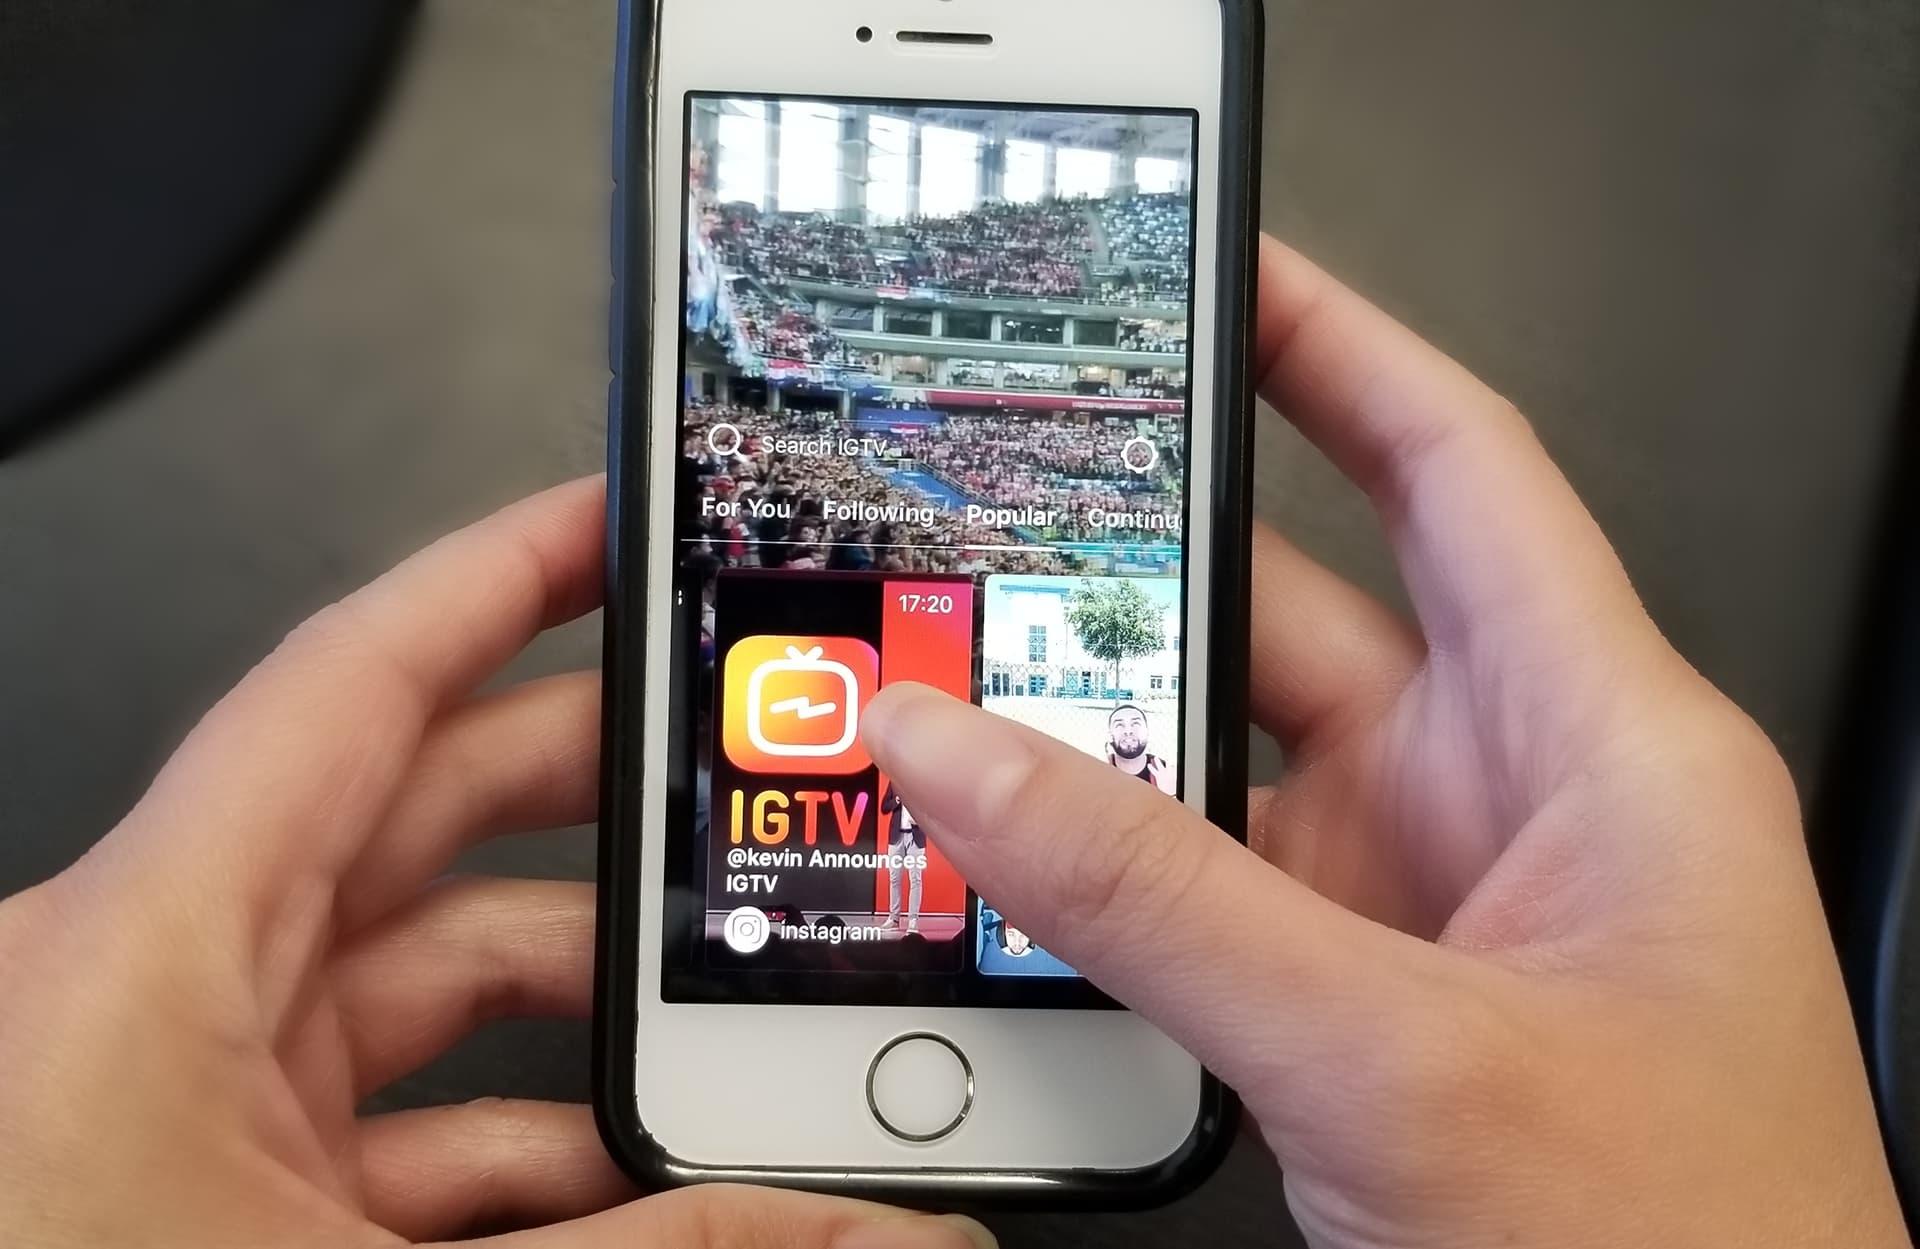 Apakah Lo Perlu Membuat Konten di IGTV Sekarang - MLDSPOT